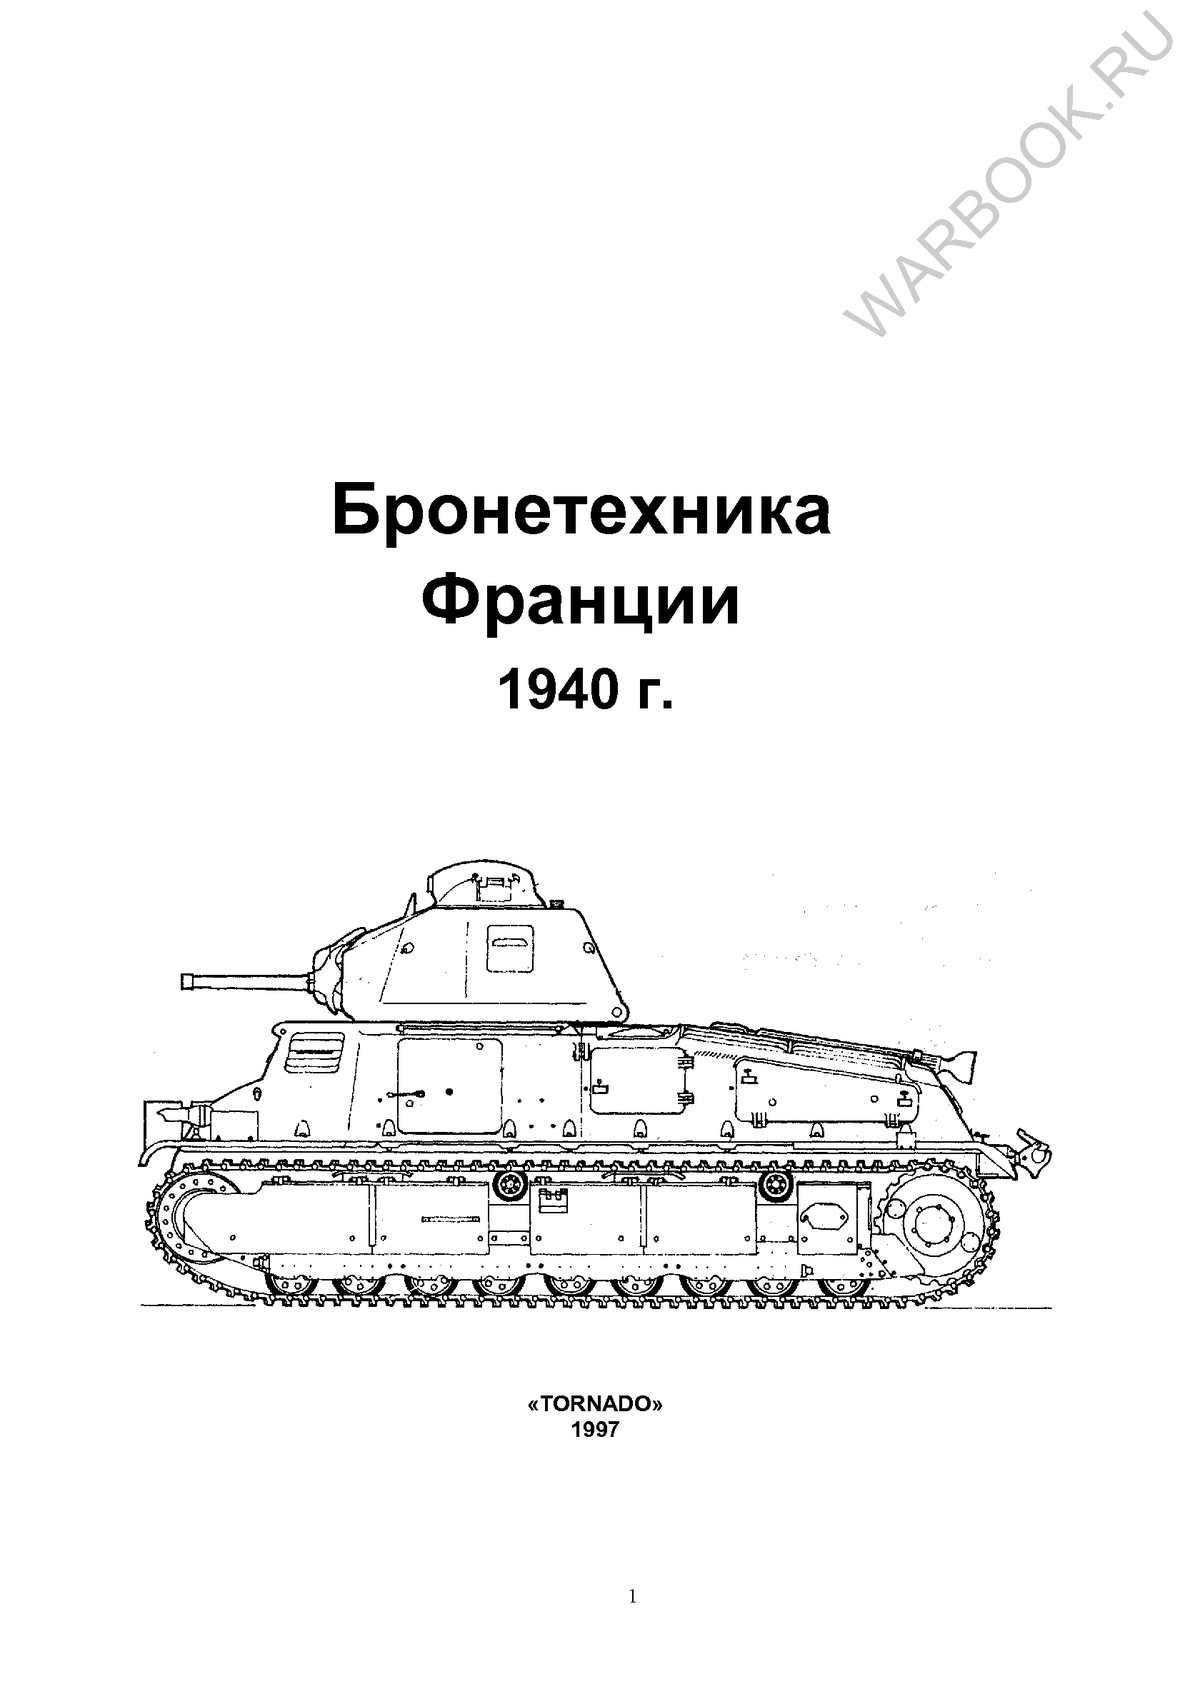 Торнадо - Армейская серия 16 - Бронетехника Франции 1940 г